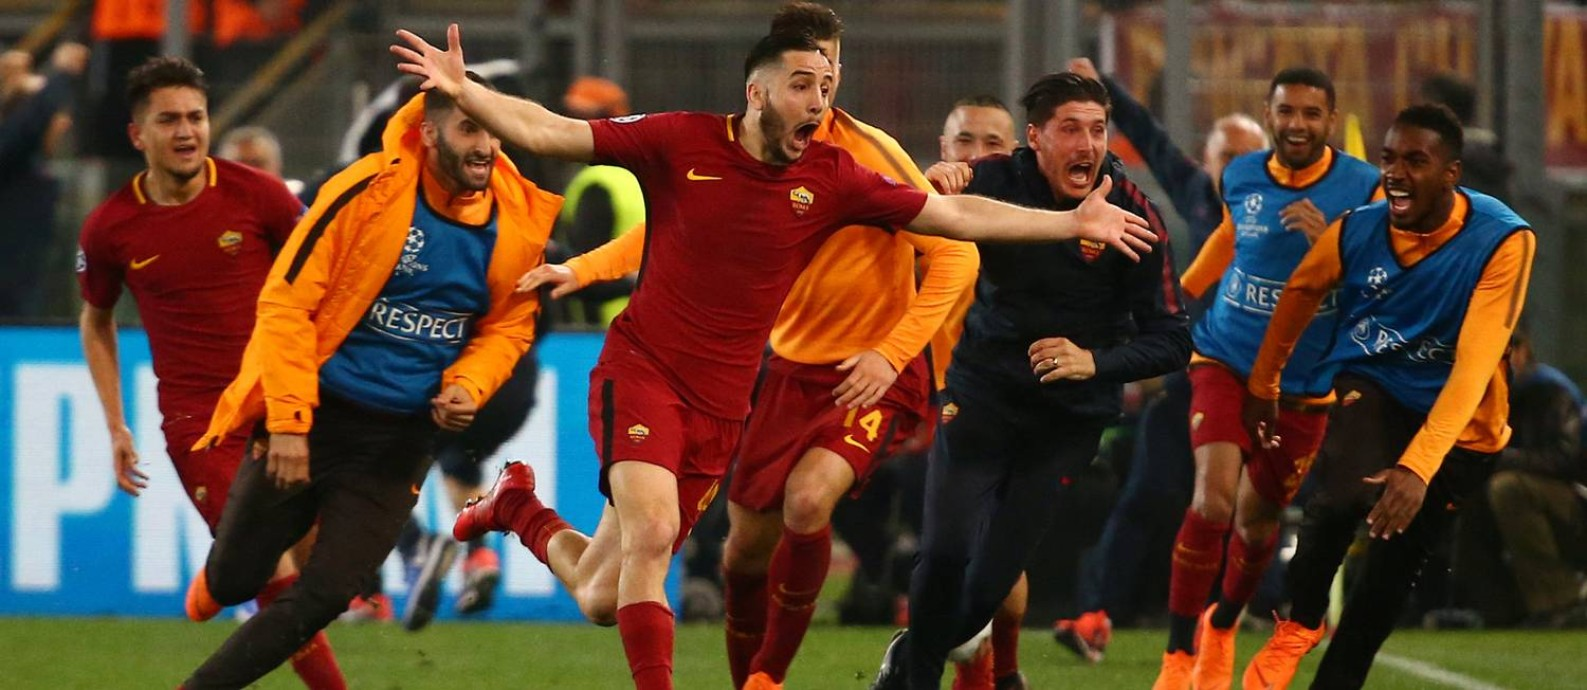 Manolas comemora o gol da classificação da Roma sobre o Barcelona Foto: TONY GENTILE / REUTERS